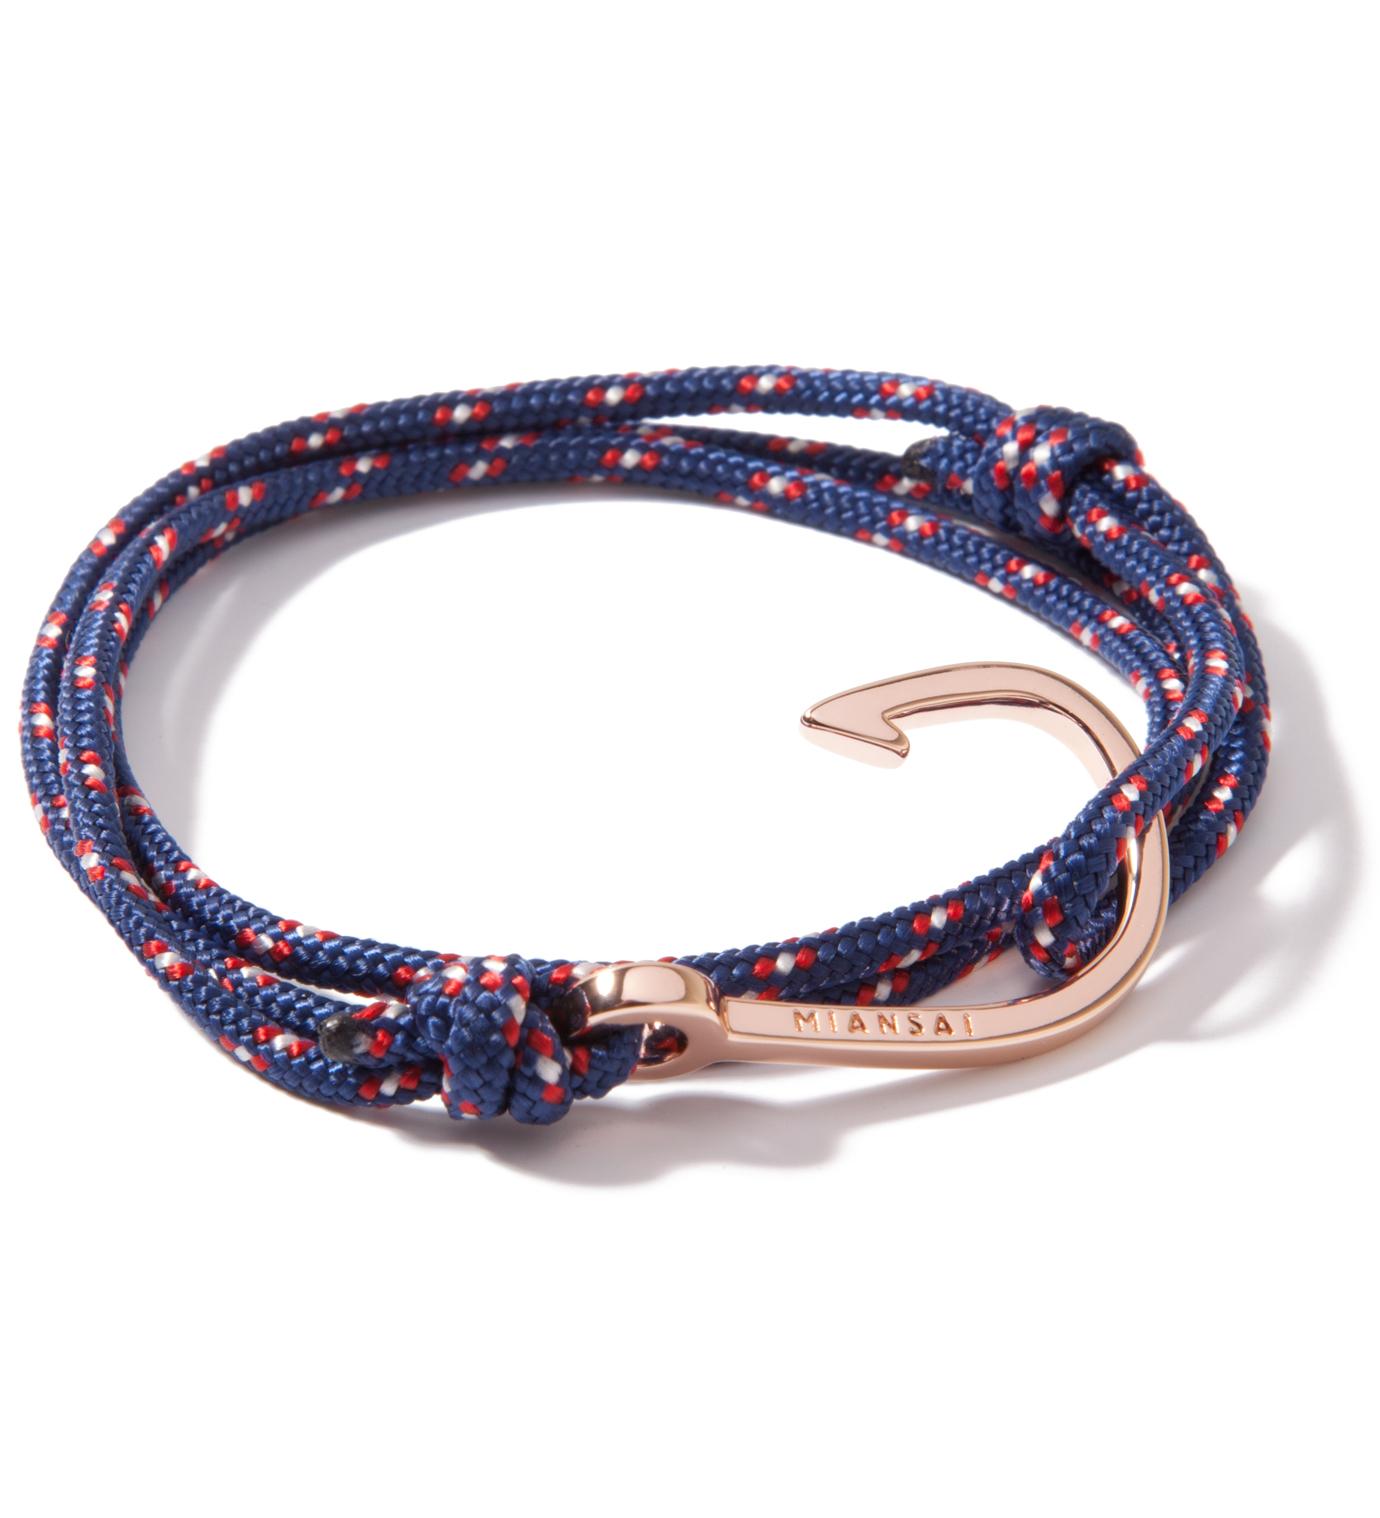 Miansai Rose Gold Hook on Navy Rope Bracelet